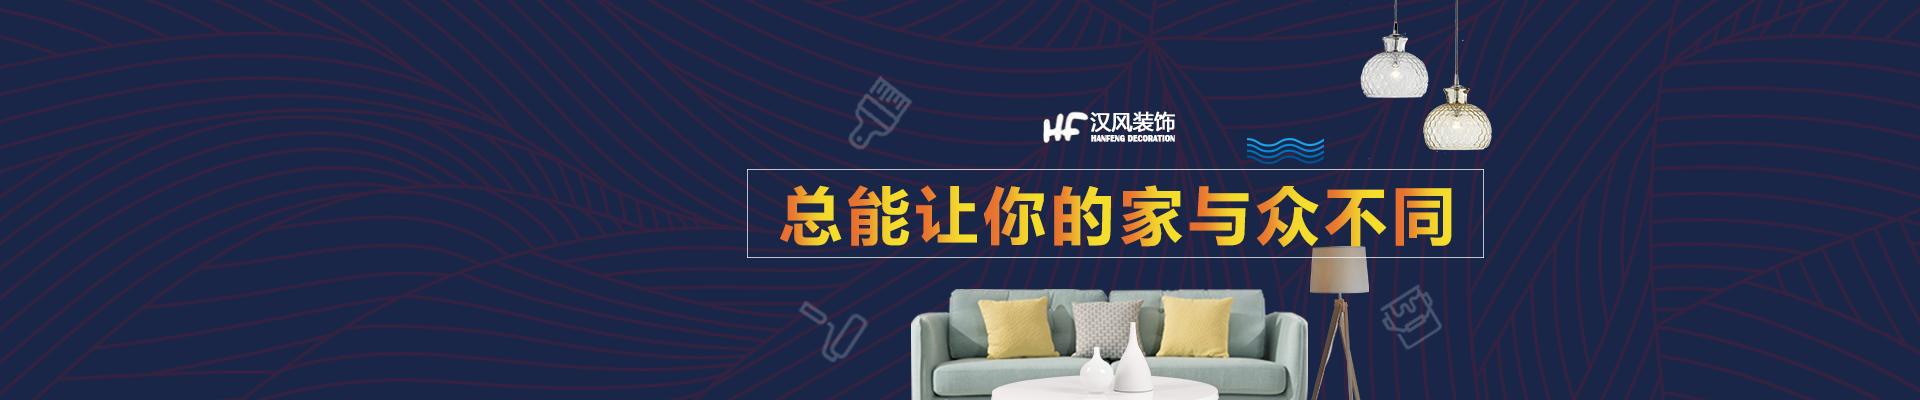 河南省汉风装饰工程有限公司